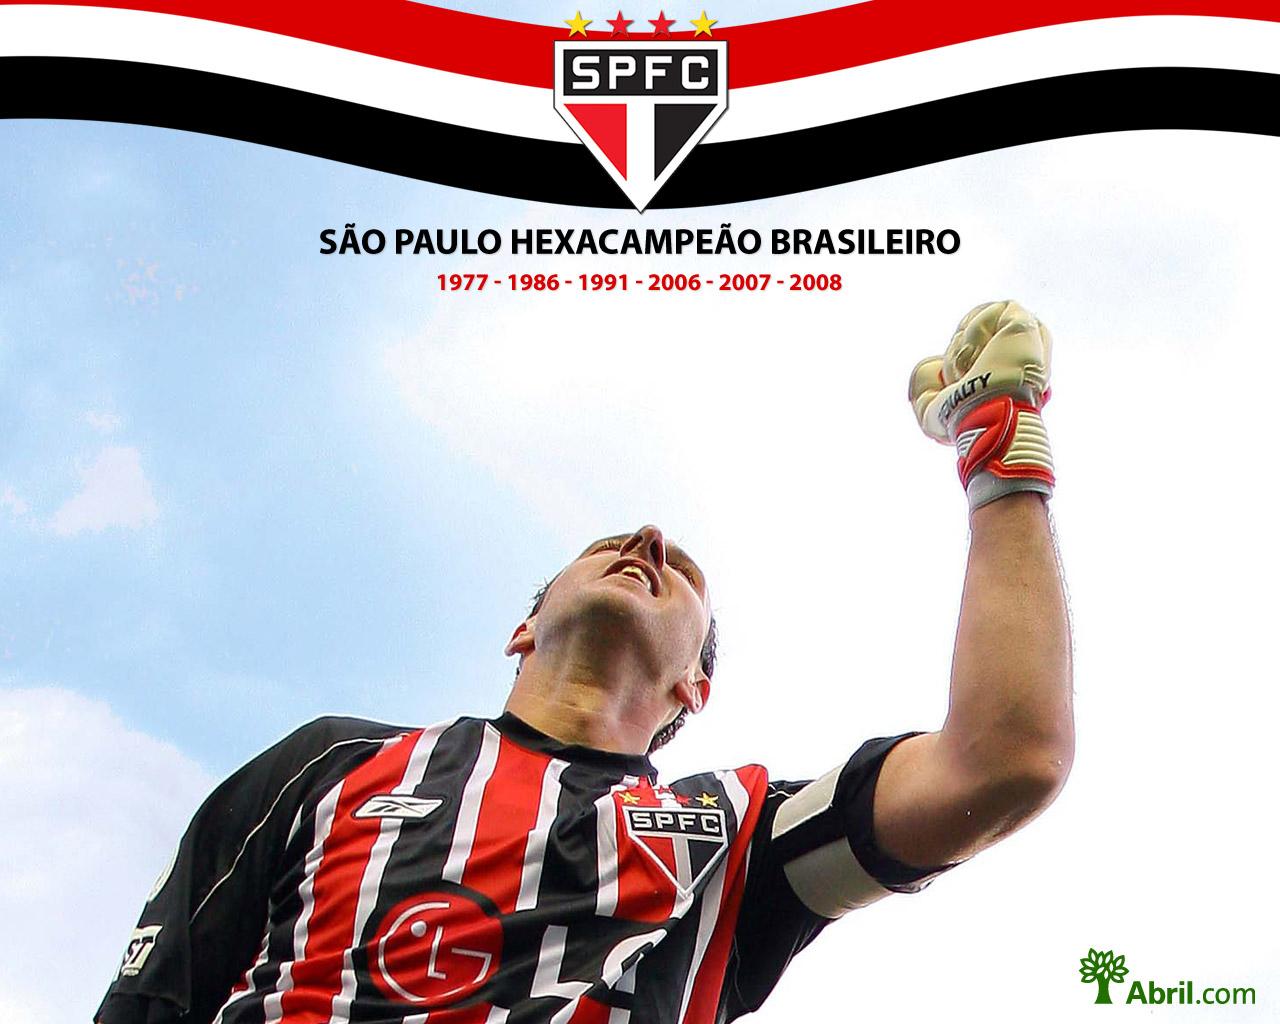 Paulo hexacampeo brasileiro   baixe wallpapers do ttulo tricolor 1280x1024